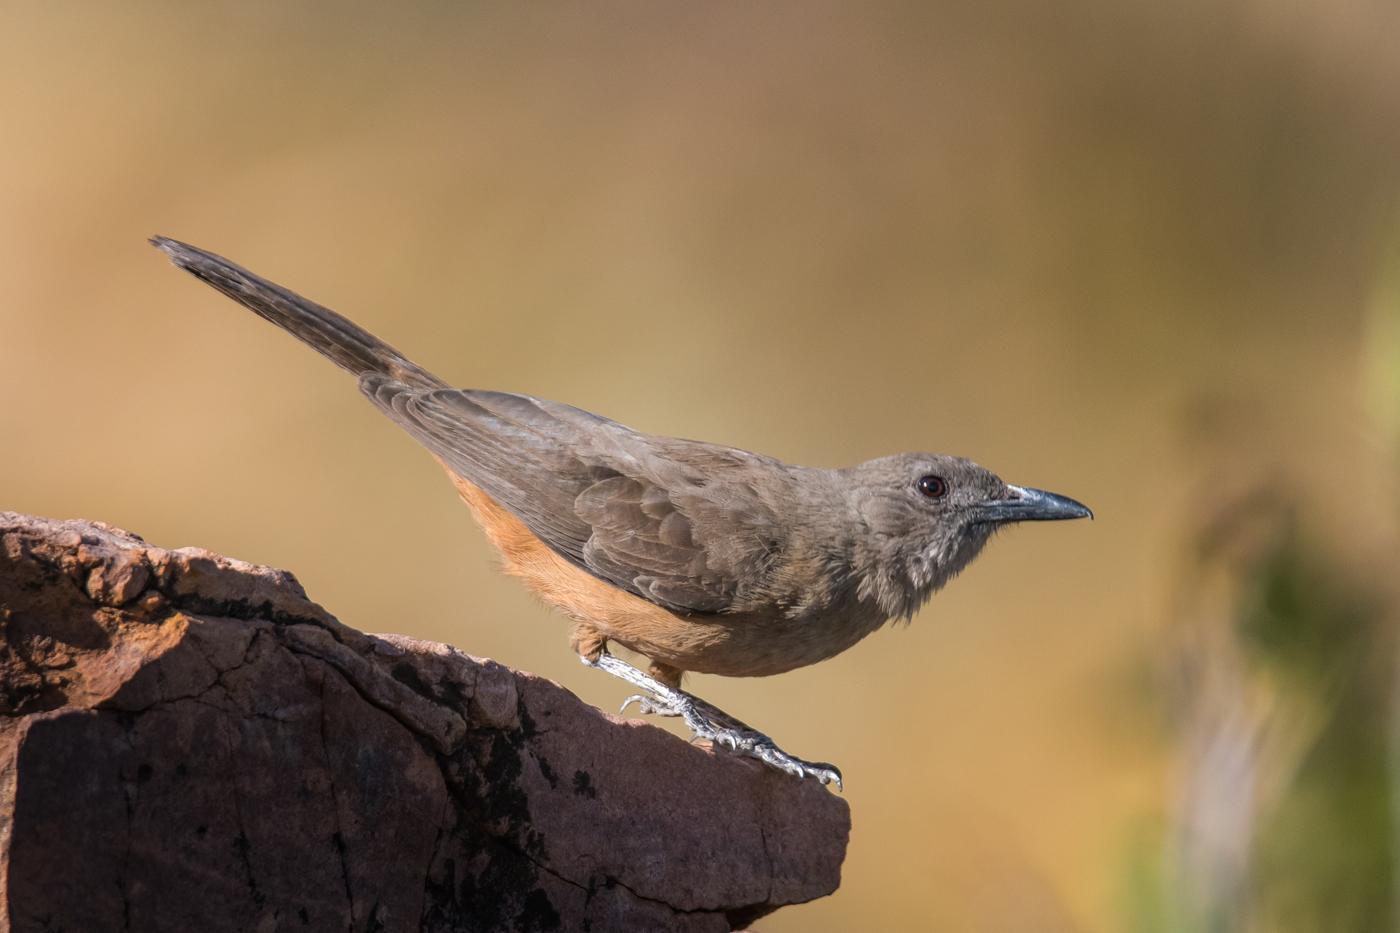 Sandstone Shrike-thrush